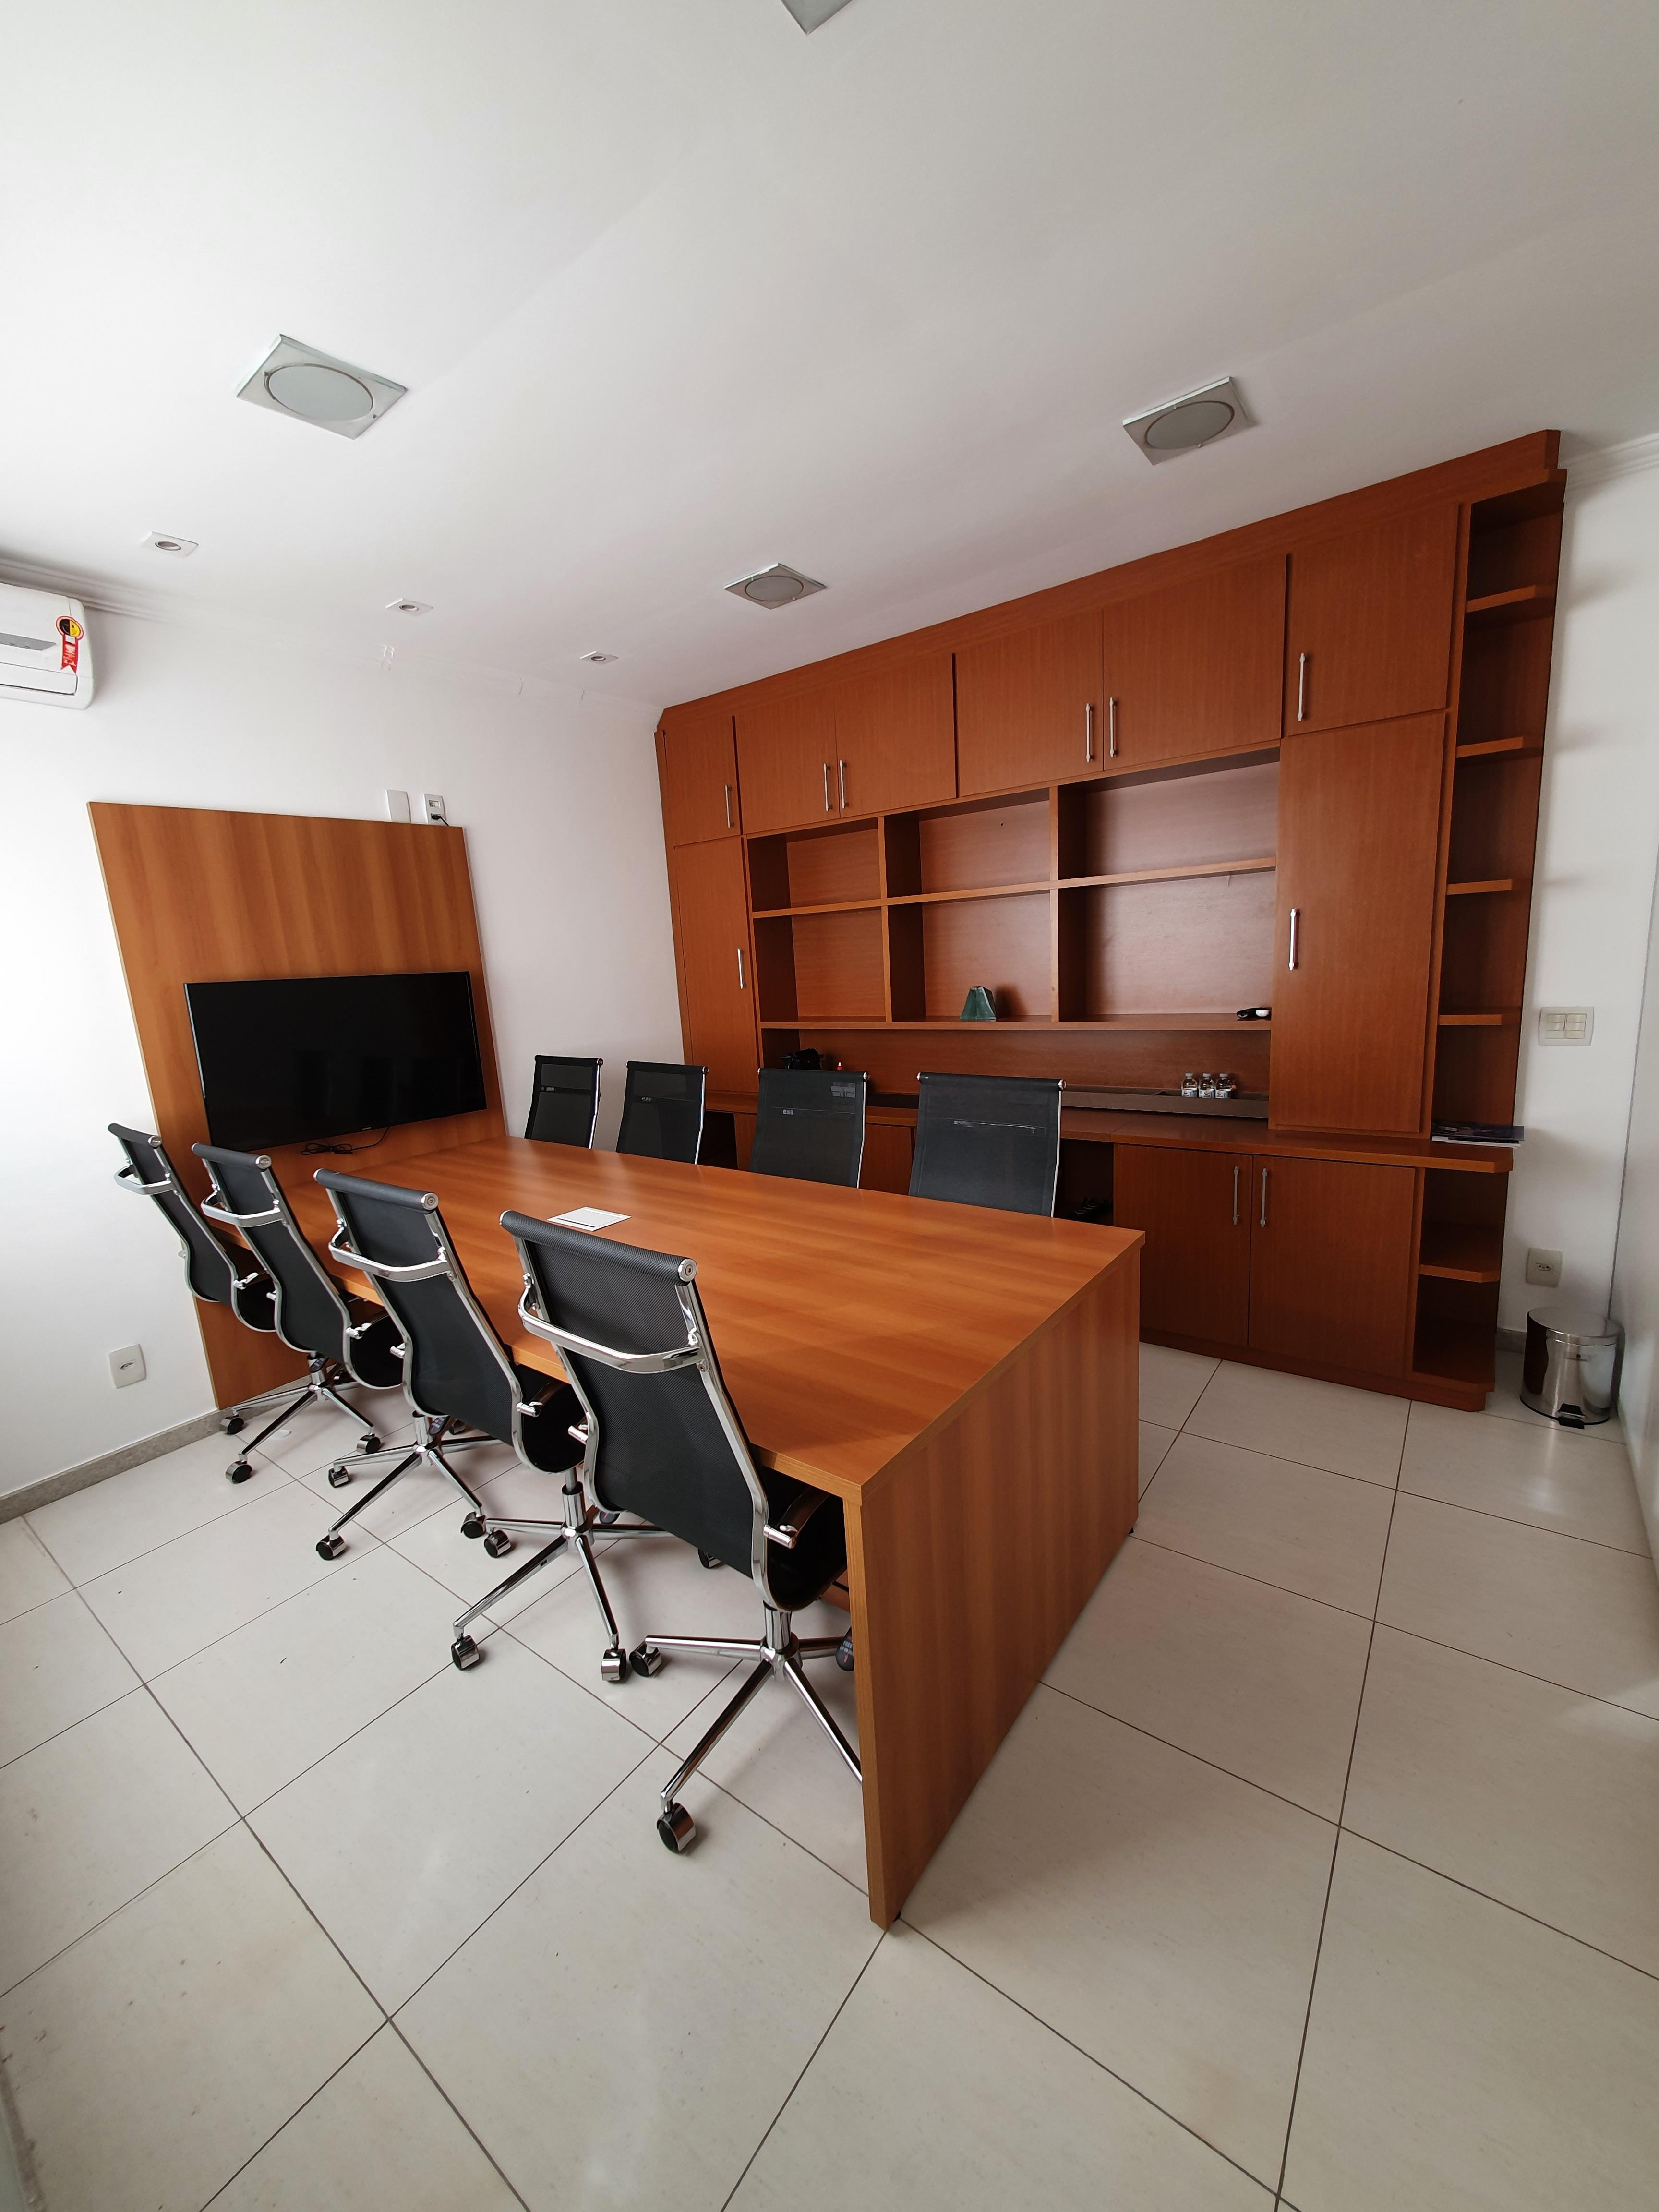 Sala de Reunião - 8 Pessoas